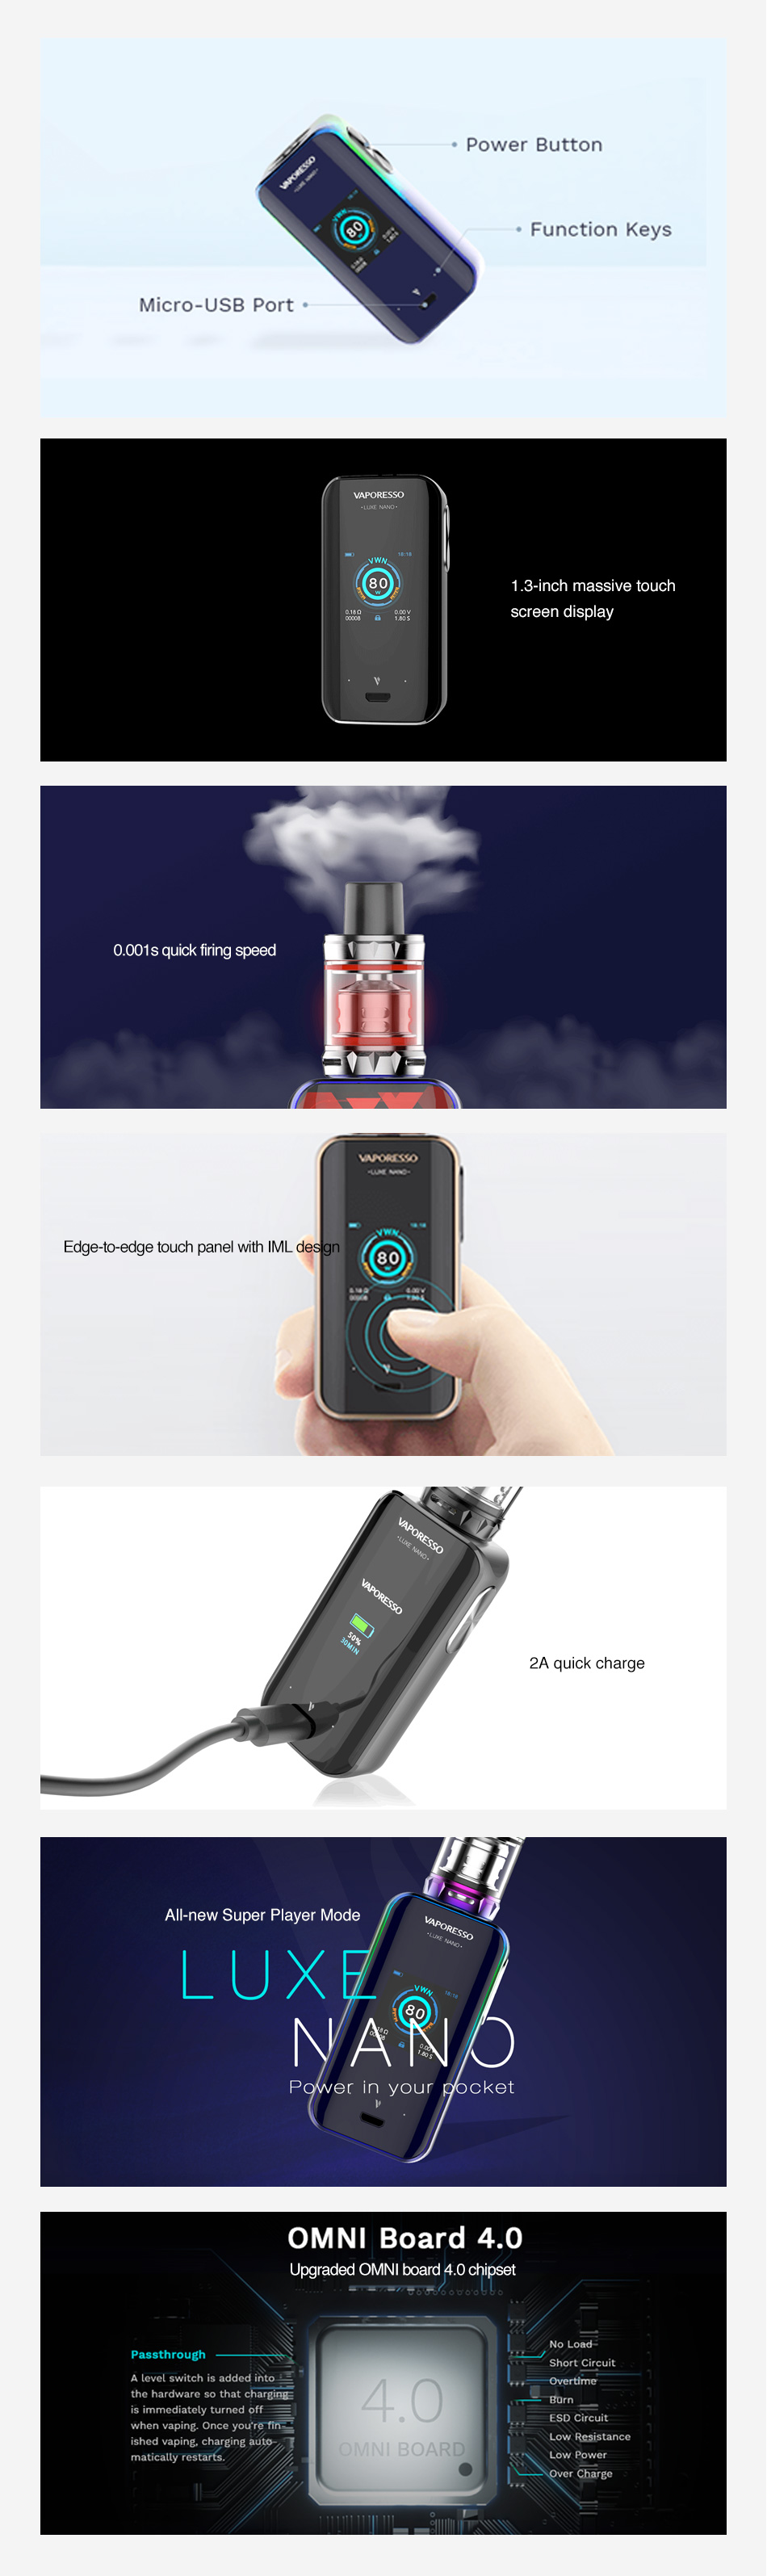 , Vaporesso Luxe Nano 80W Touch Screen